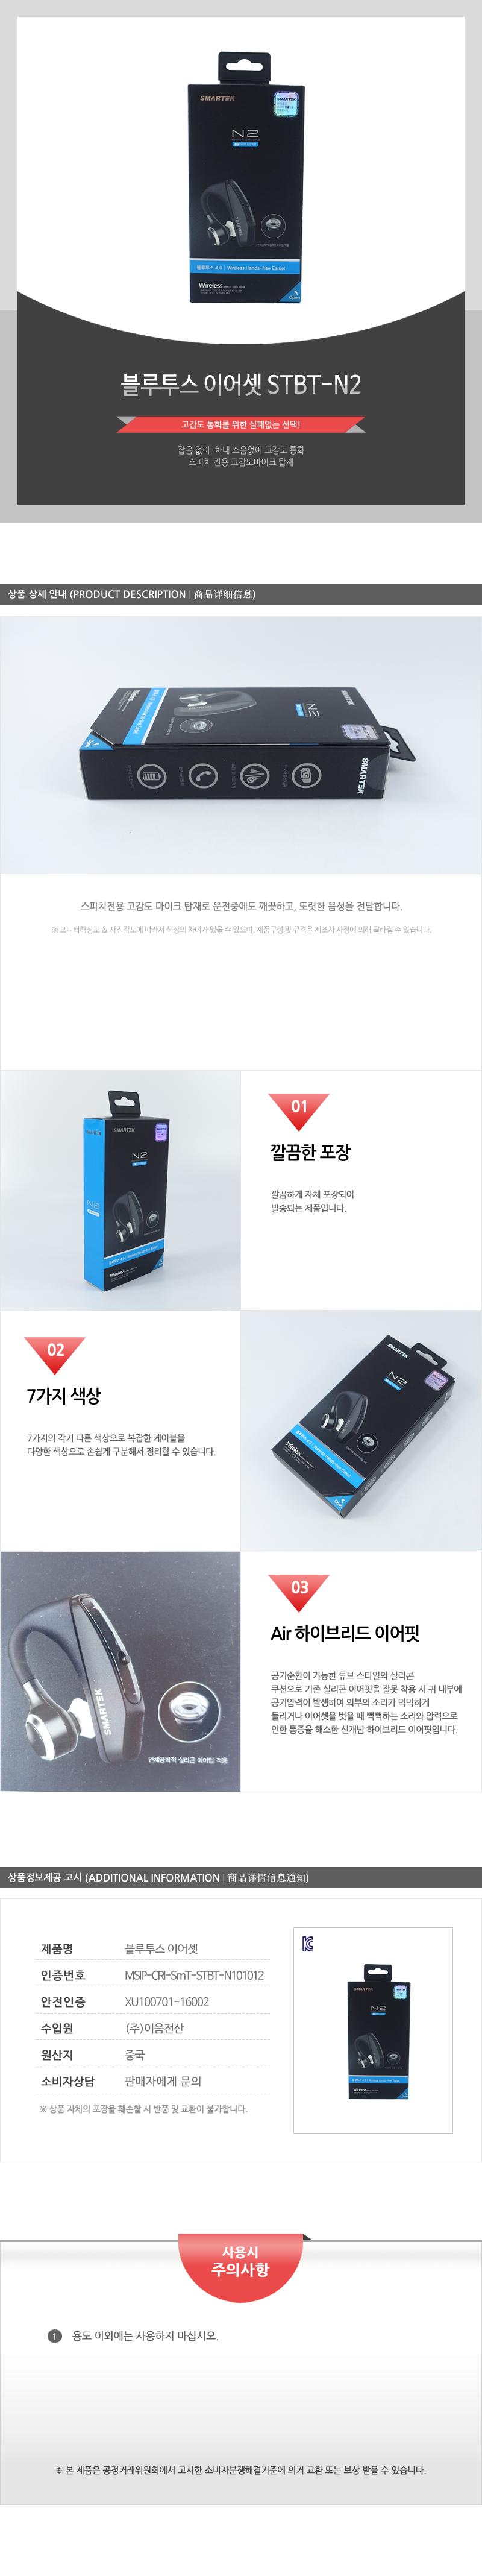 블루투스이어셋STBT-N2 이어폰 블투이어폰 블루투스이어폰 이어셋 블투이어셋 블루투스이어셋 무선이어폰 무선이어셋